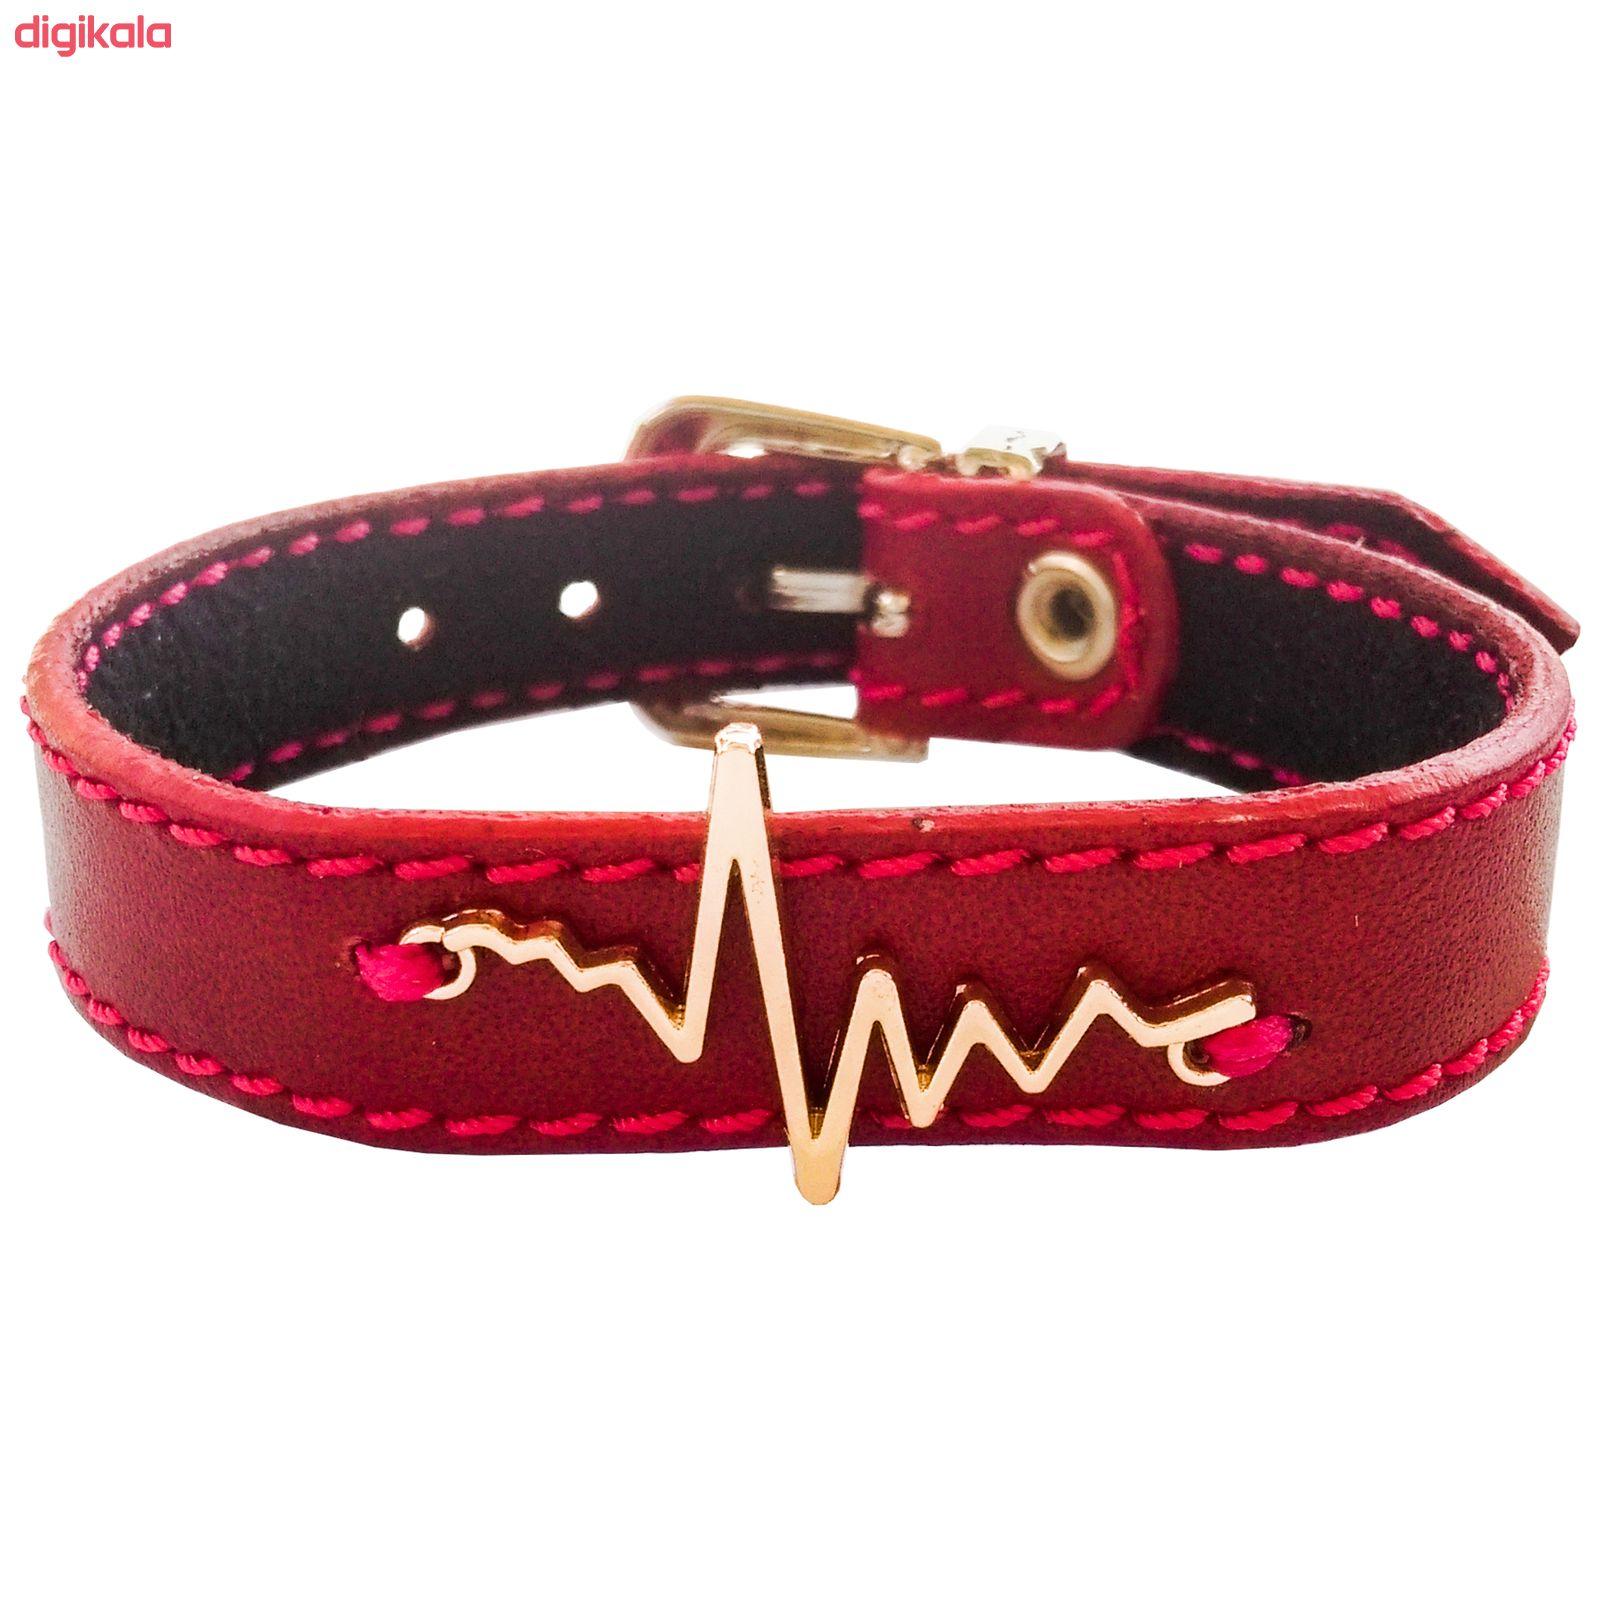 دستبند زنانه چرم وارک مدل پرهام کد rb59 main 1 2